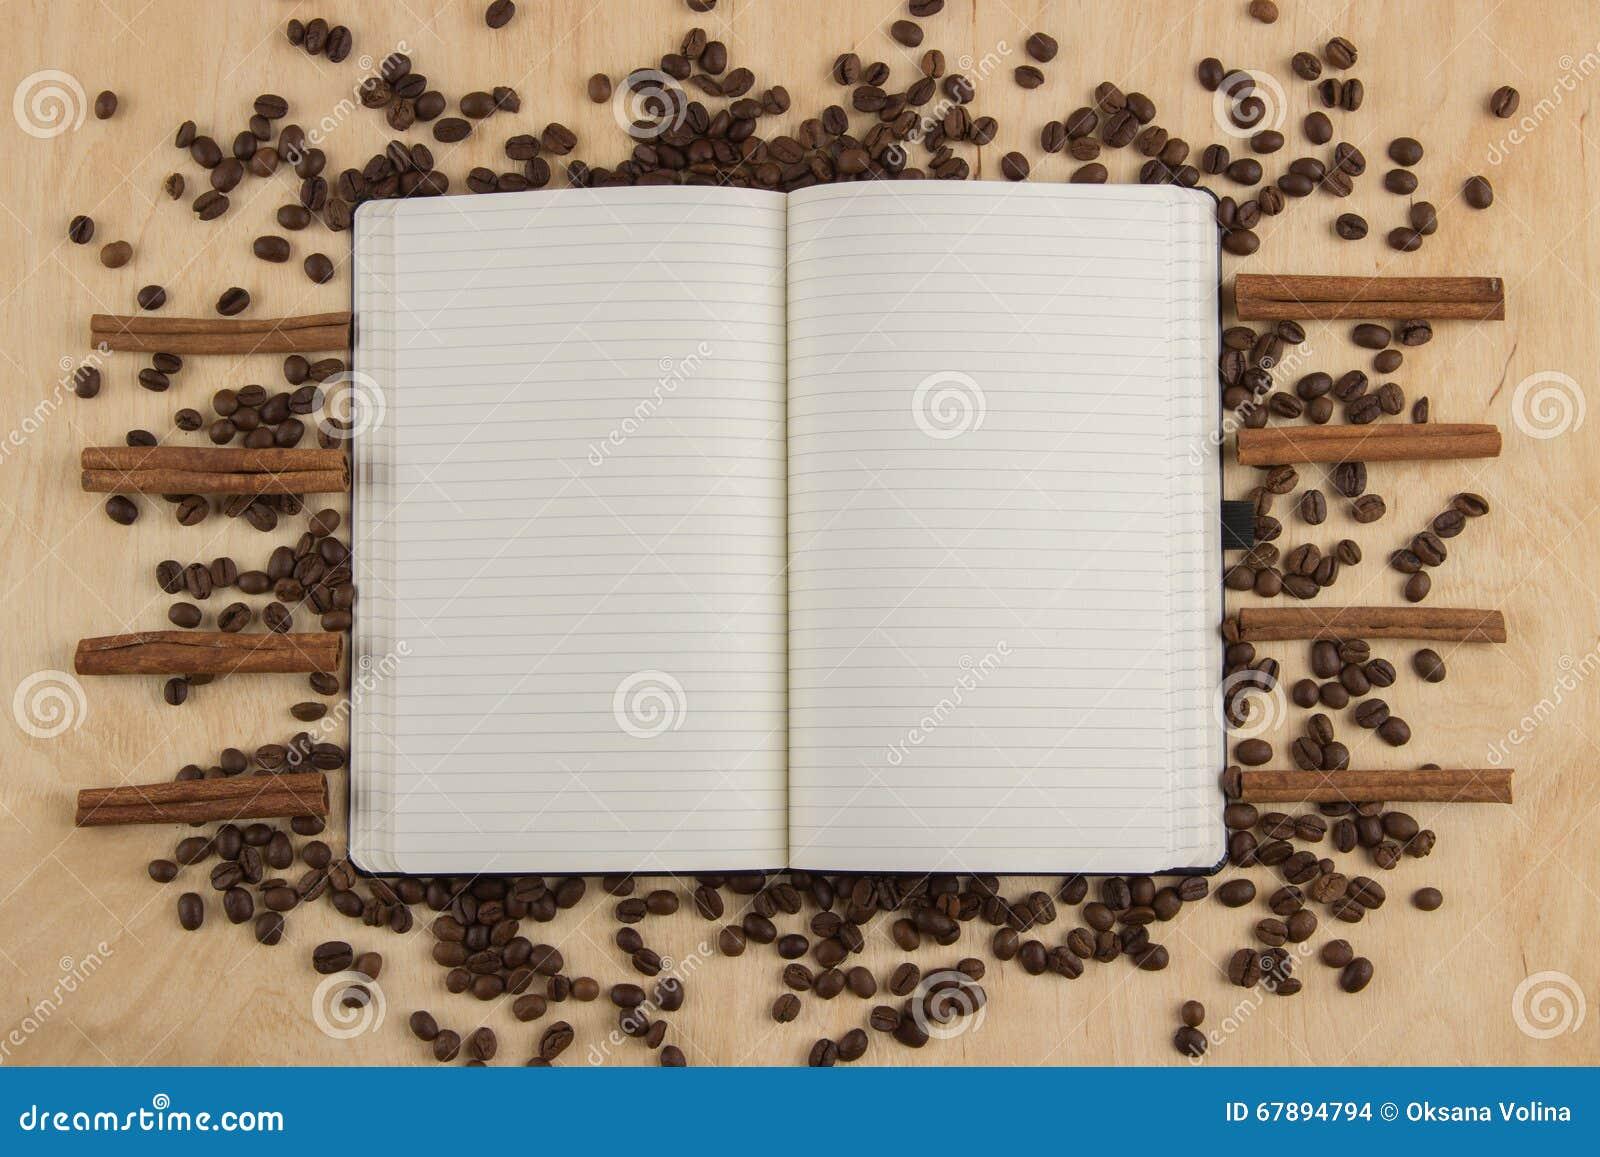 Abra o caderno com páginas alinhadas em uma tabela em que são dispersados